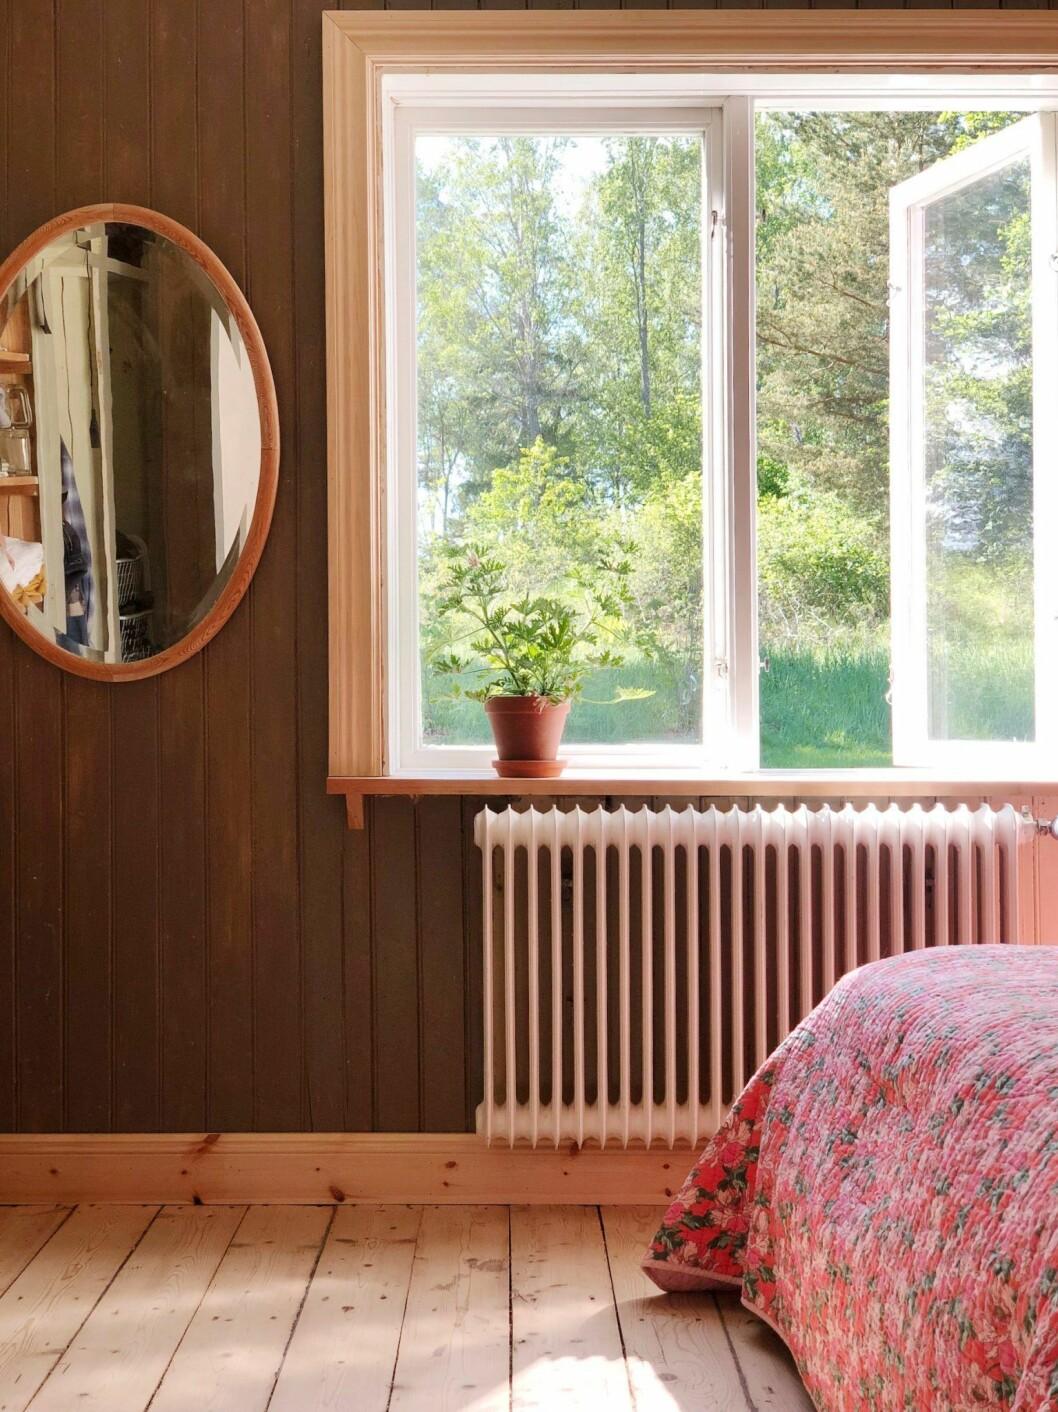 Sovrum med utsikt mot naturen